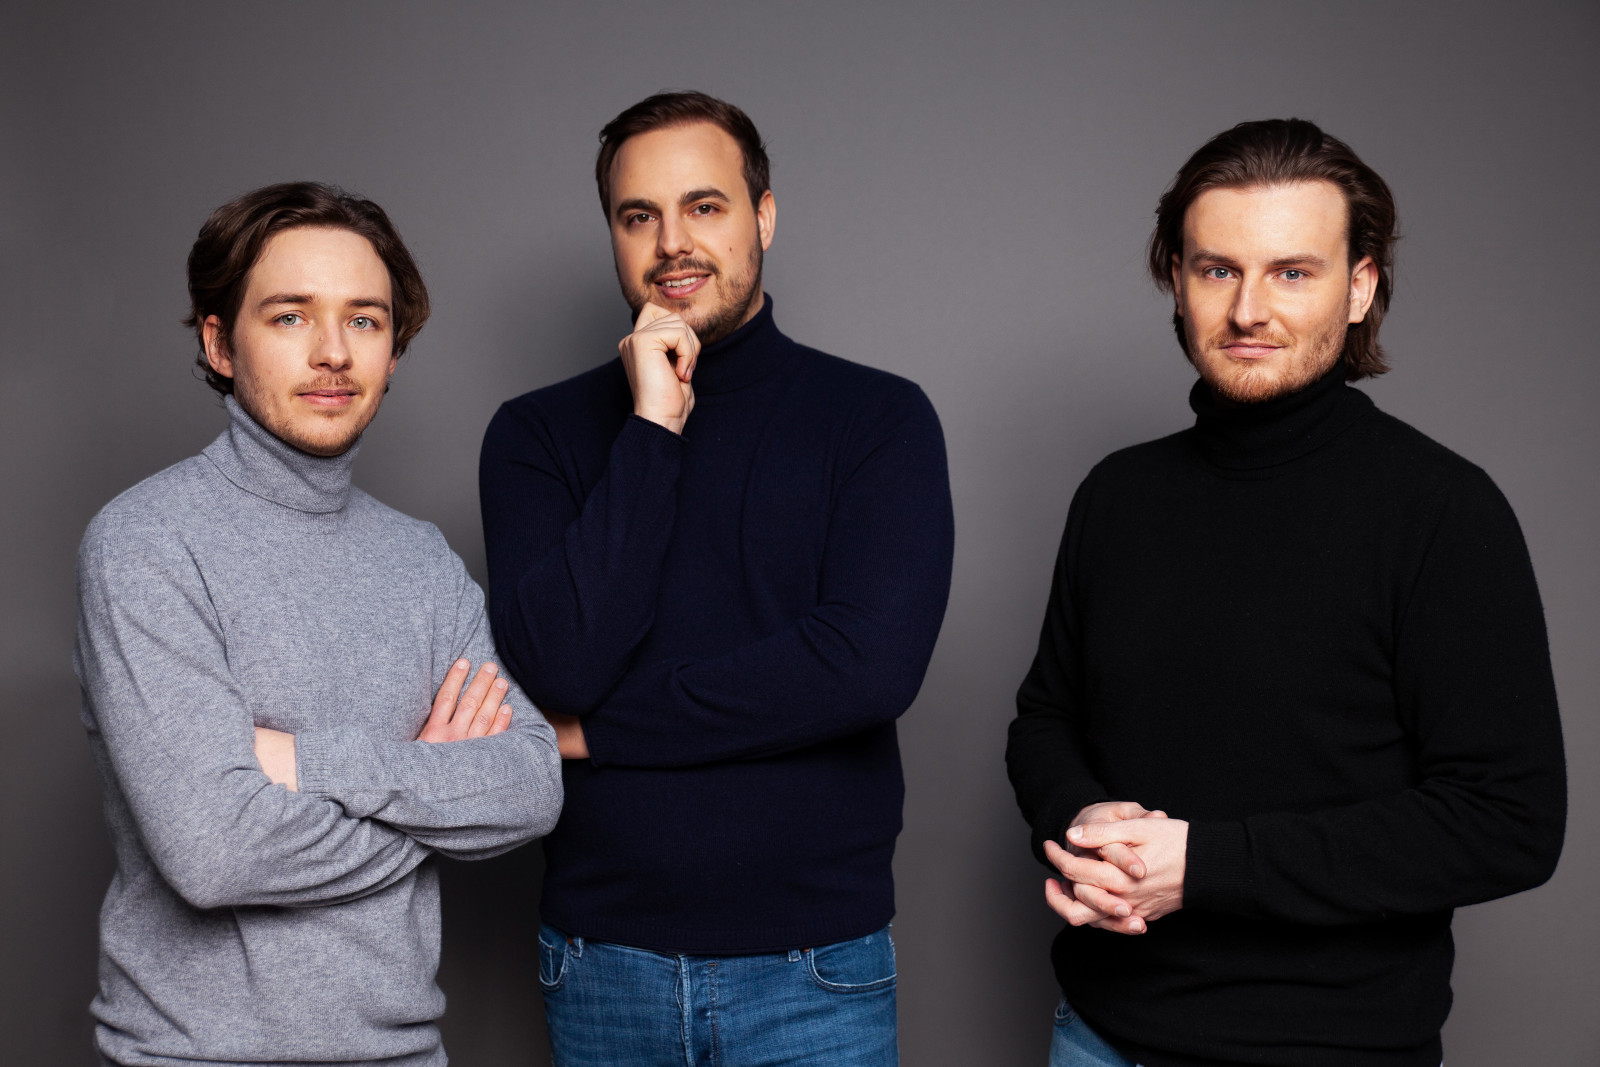 Gründer Christian Trummer, Paul Klanschek, Eric Demuth